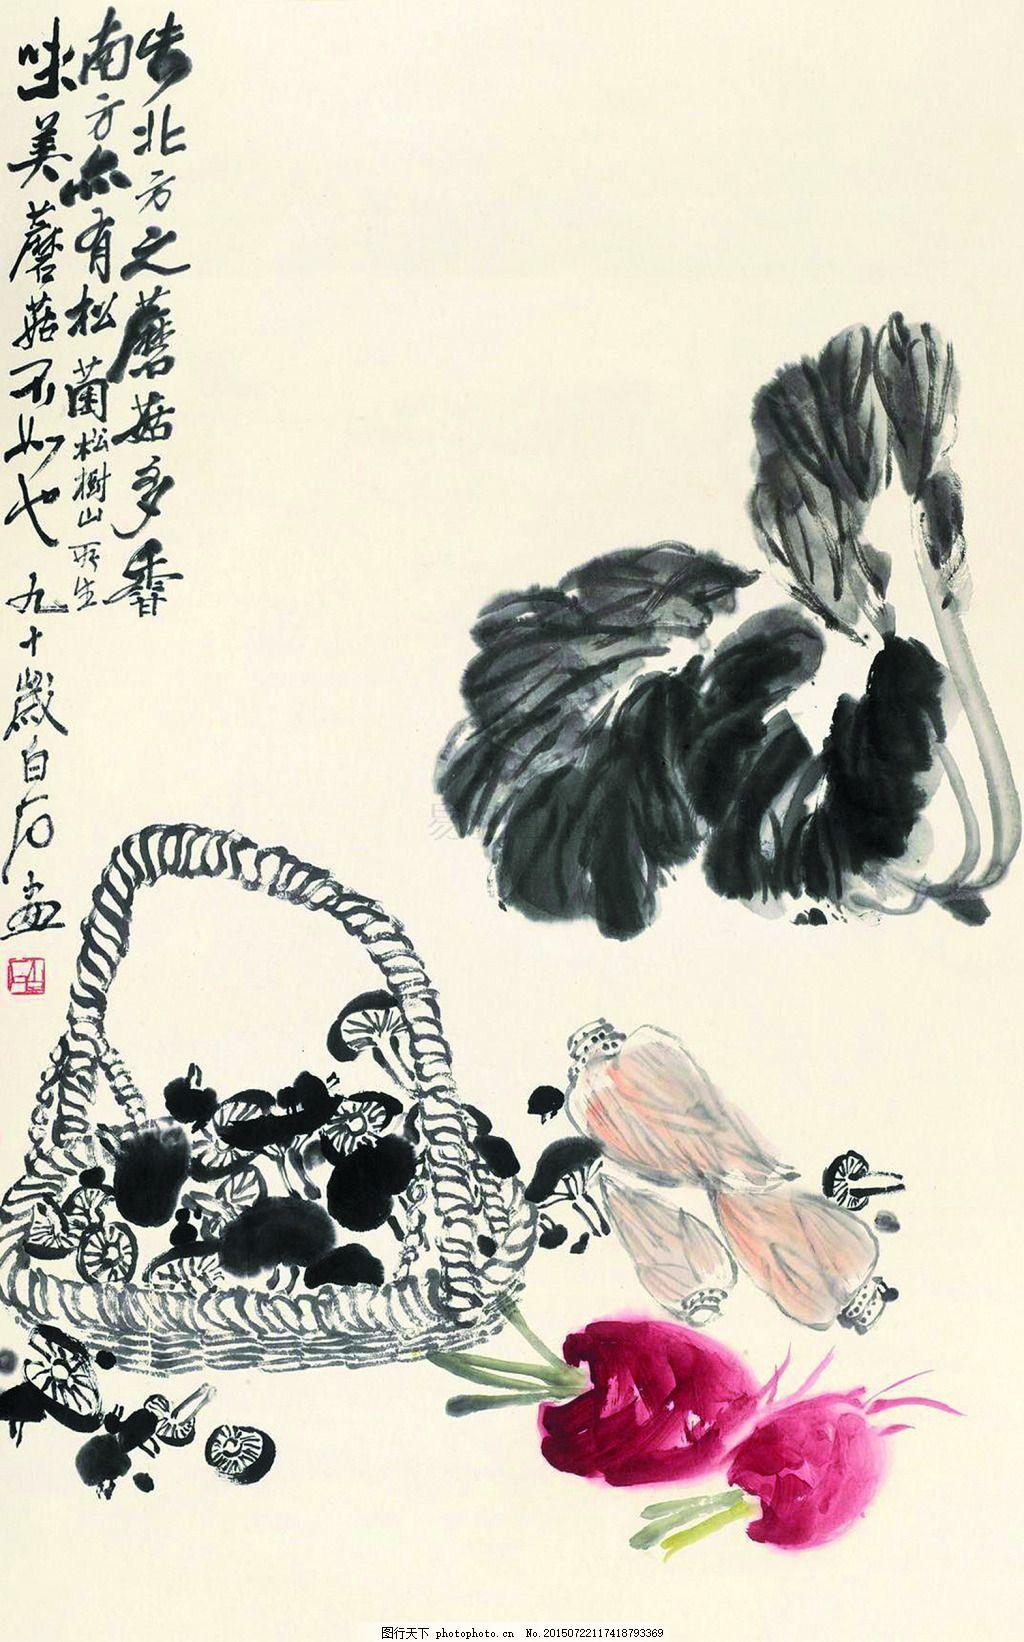 北京保利拍卖执行董事赵旭在当晚接受采访时表示,这套作品非常难得。齐白石为这套作品编了号,从之一一直到之十二。每幅作品都有自作诗一首,每幅作品还都提了不一样的笔名。   上世纪50年代该作品转至郭秀仪与黄琪翔夫妇收藏,80年代转到现藏家手中。当时的成本就达到了120万美金。赵旭说。   当晚,该作品以咨询价上拍,起拍价为4.